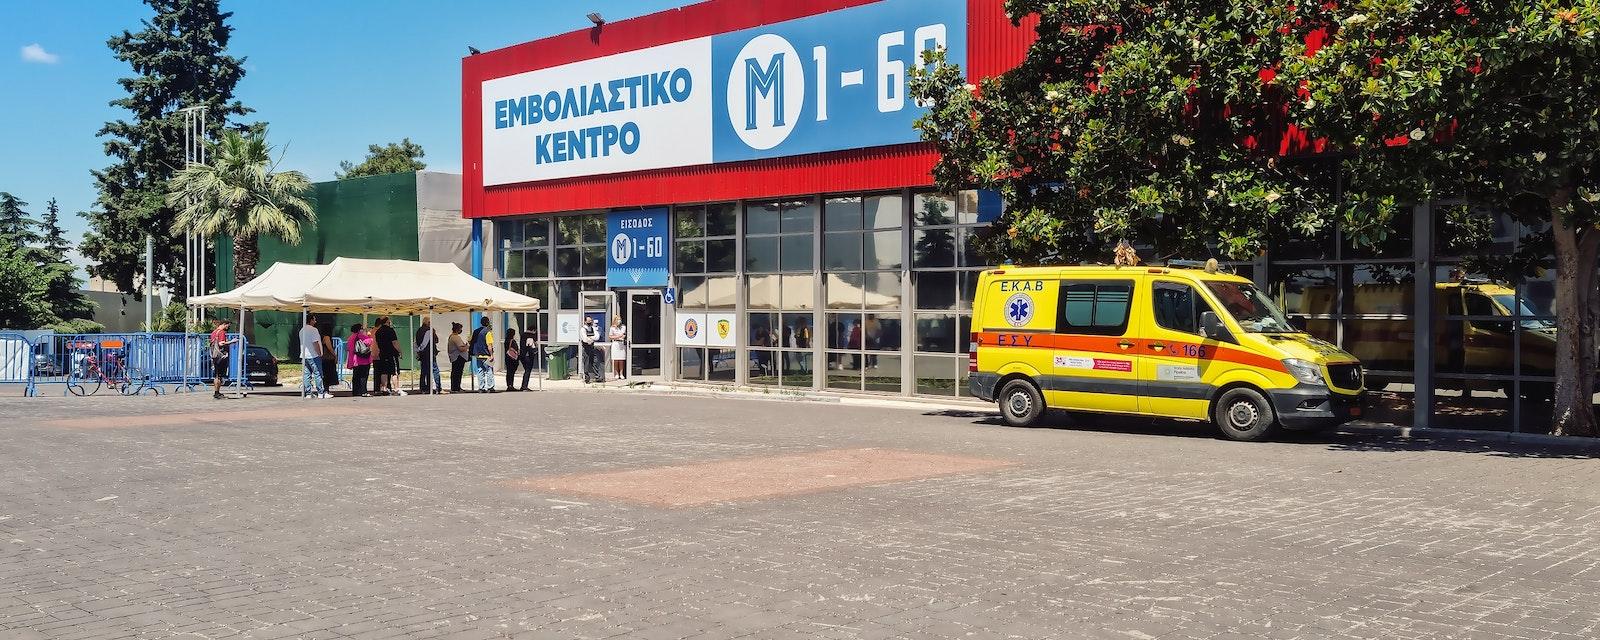 Thessaloniki,,Greece,-,June,15,2021:,Mega,Covid-19,Vaccination,Center